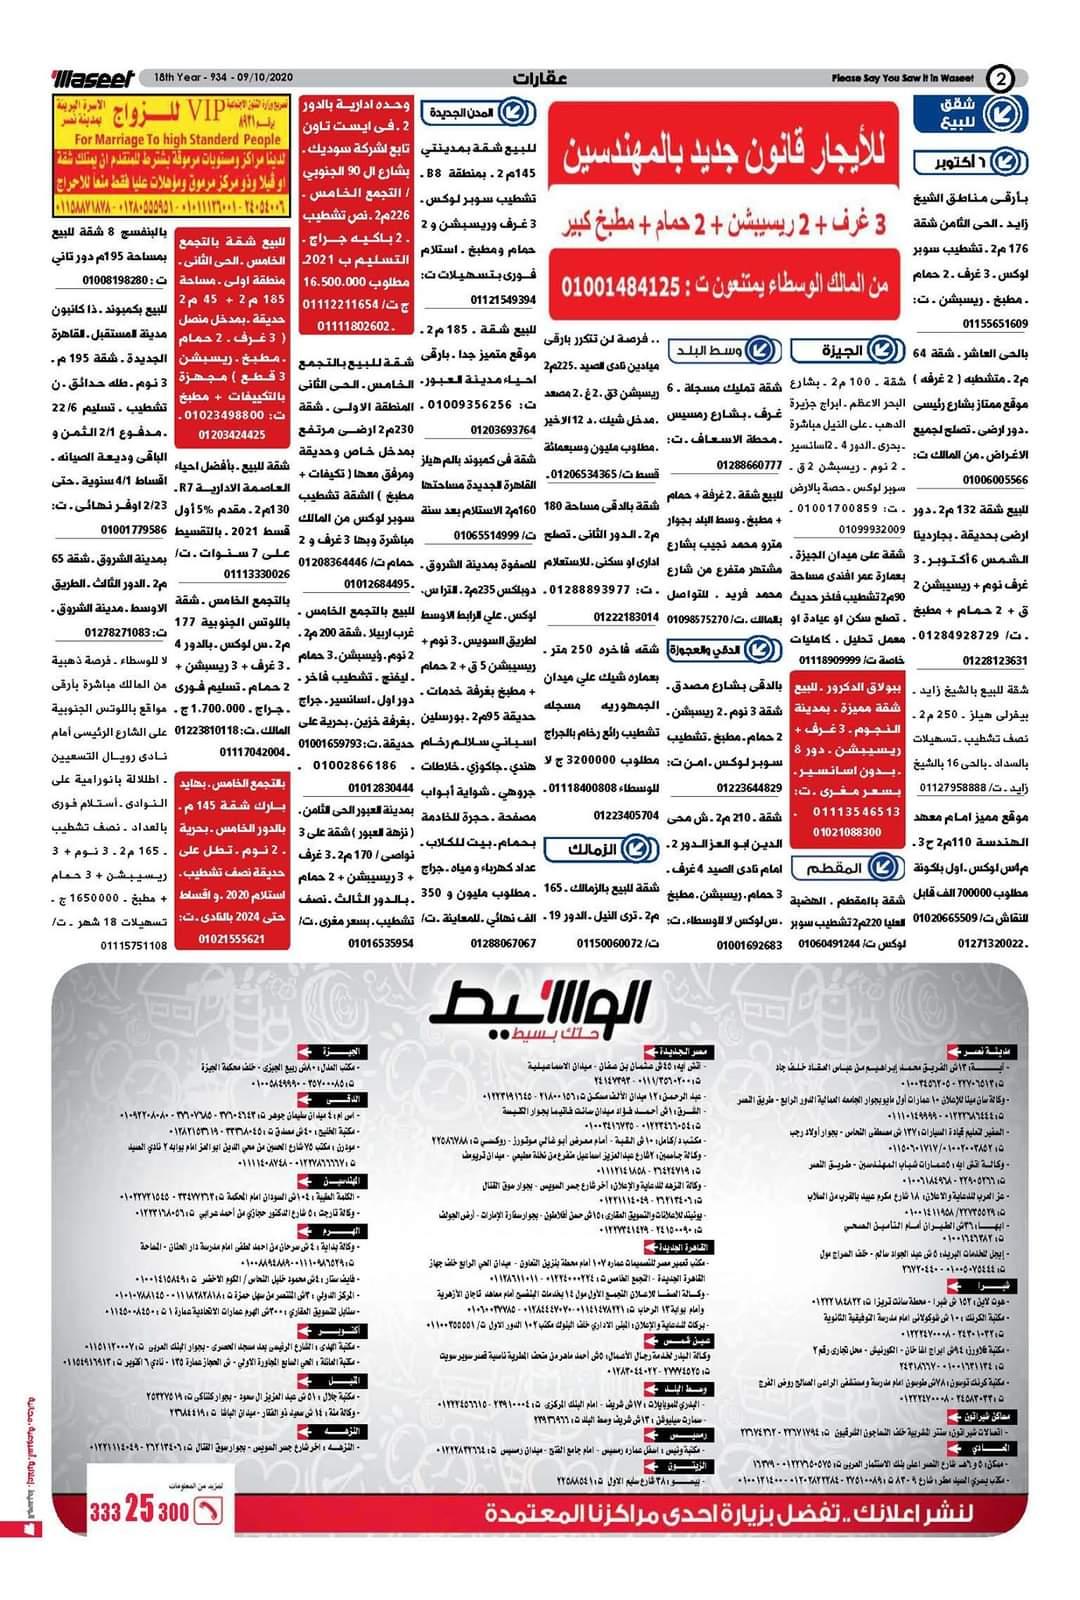 وظائف الوسيط و اعلانات مصر الجمعه 9اكتوبر 2020 وسيط الجمعه